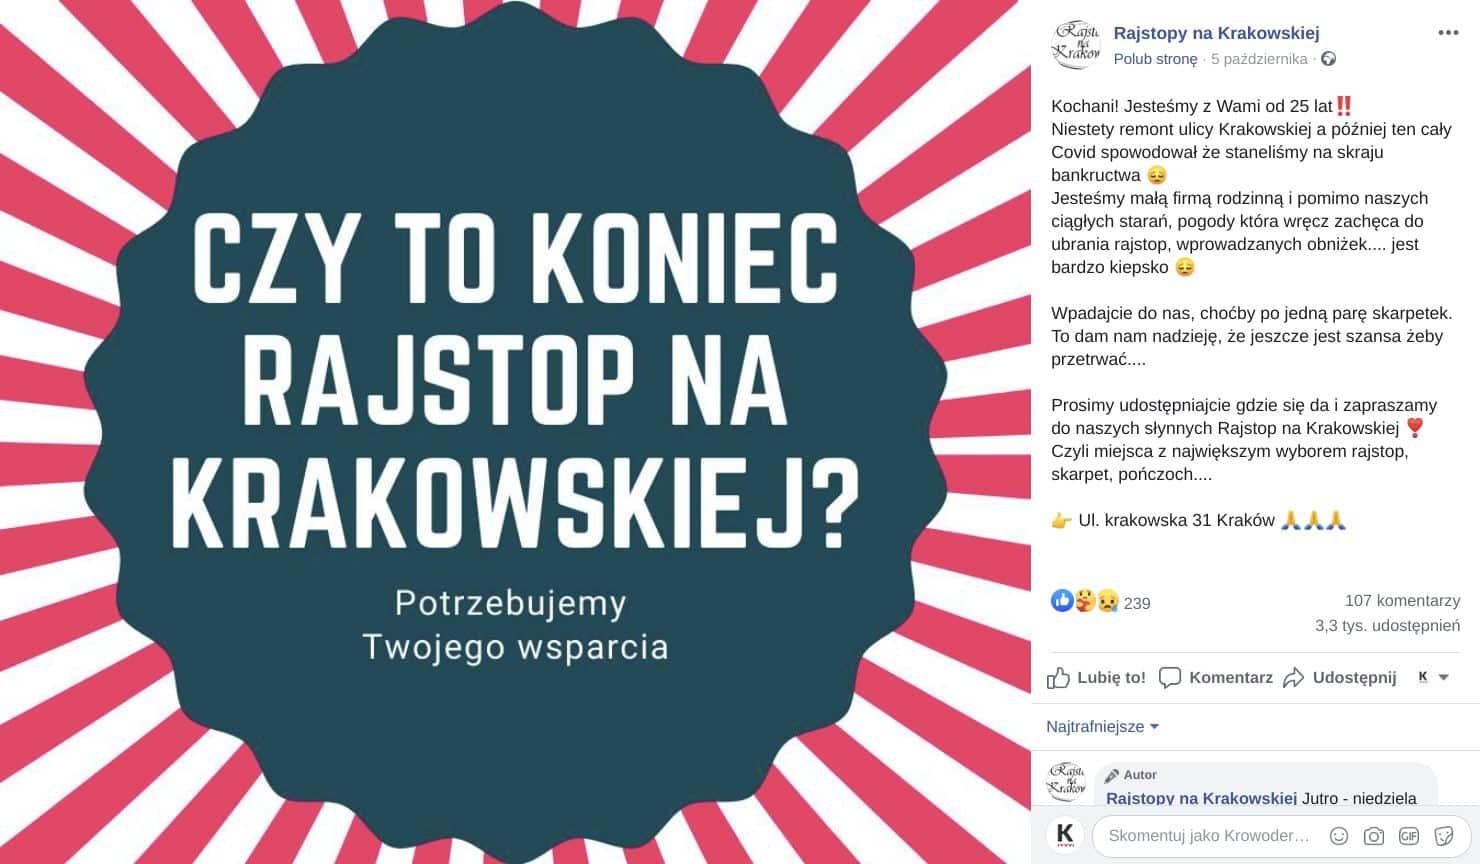 Rajstopy na Krakowskiej Kraków ul. Krakowska